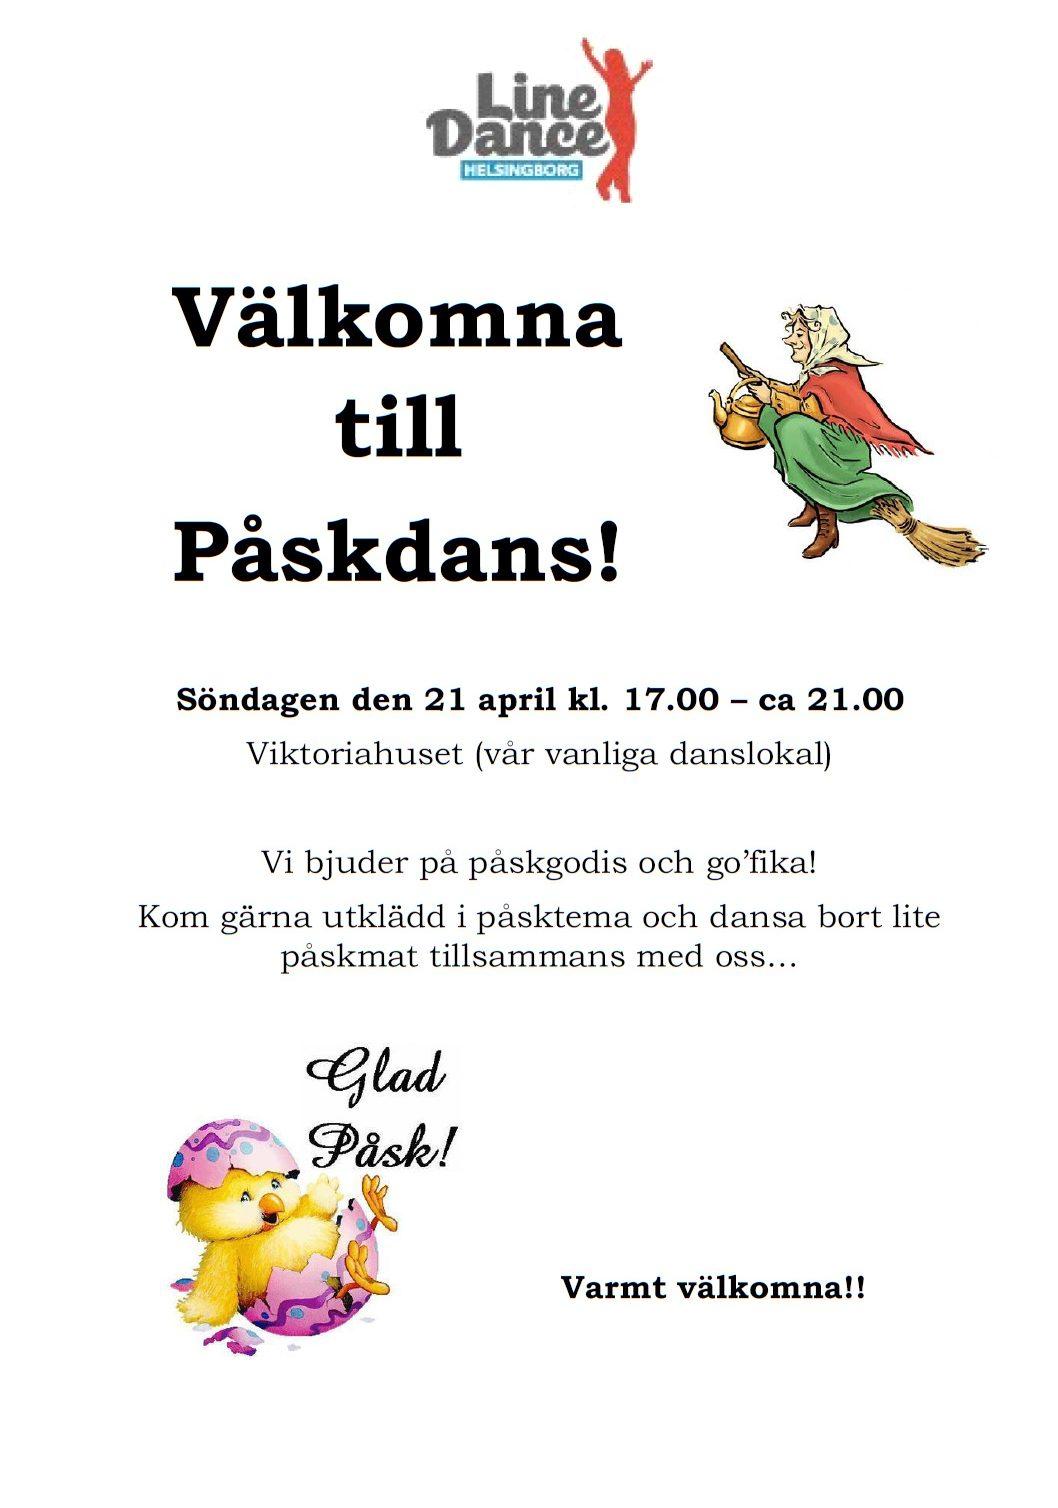 Välkomna till Påskdans!Söndagen den 21 april kl. 17.00 – ca 21.00Viktoriahuset (vår vanliga danslokal)Vi bjuder på påskgodis och go'fika!Kom gärna utklädd i påsktema och dansa bort lite påskmat tillsammans med oss…